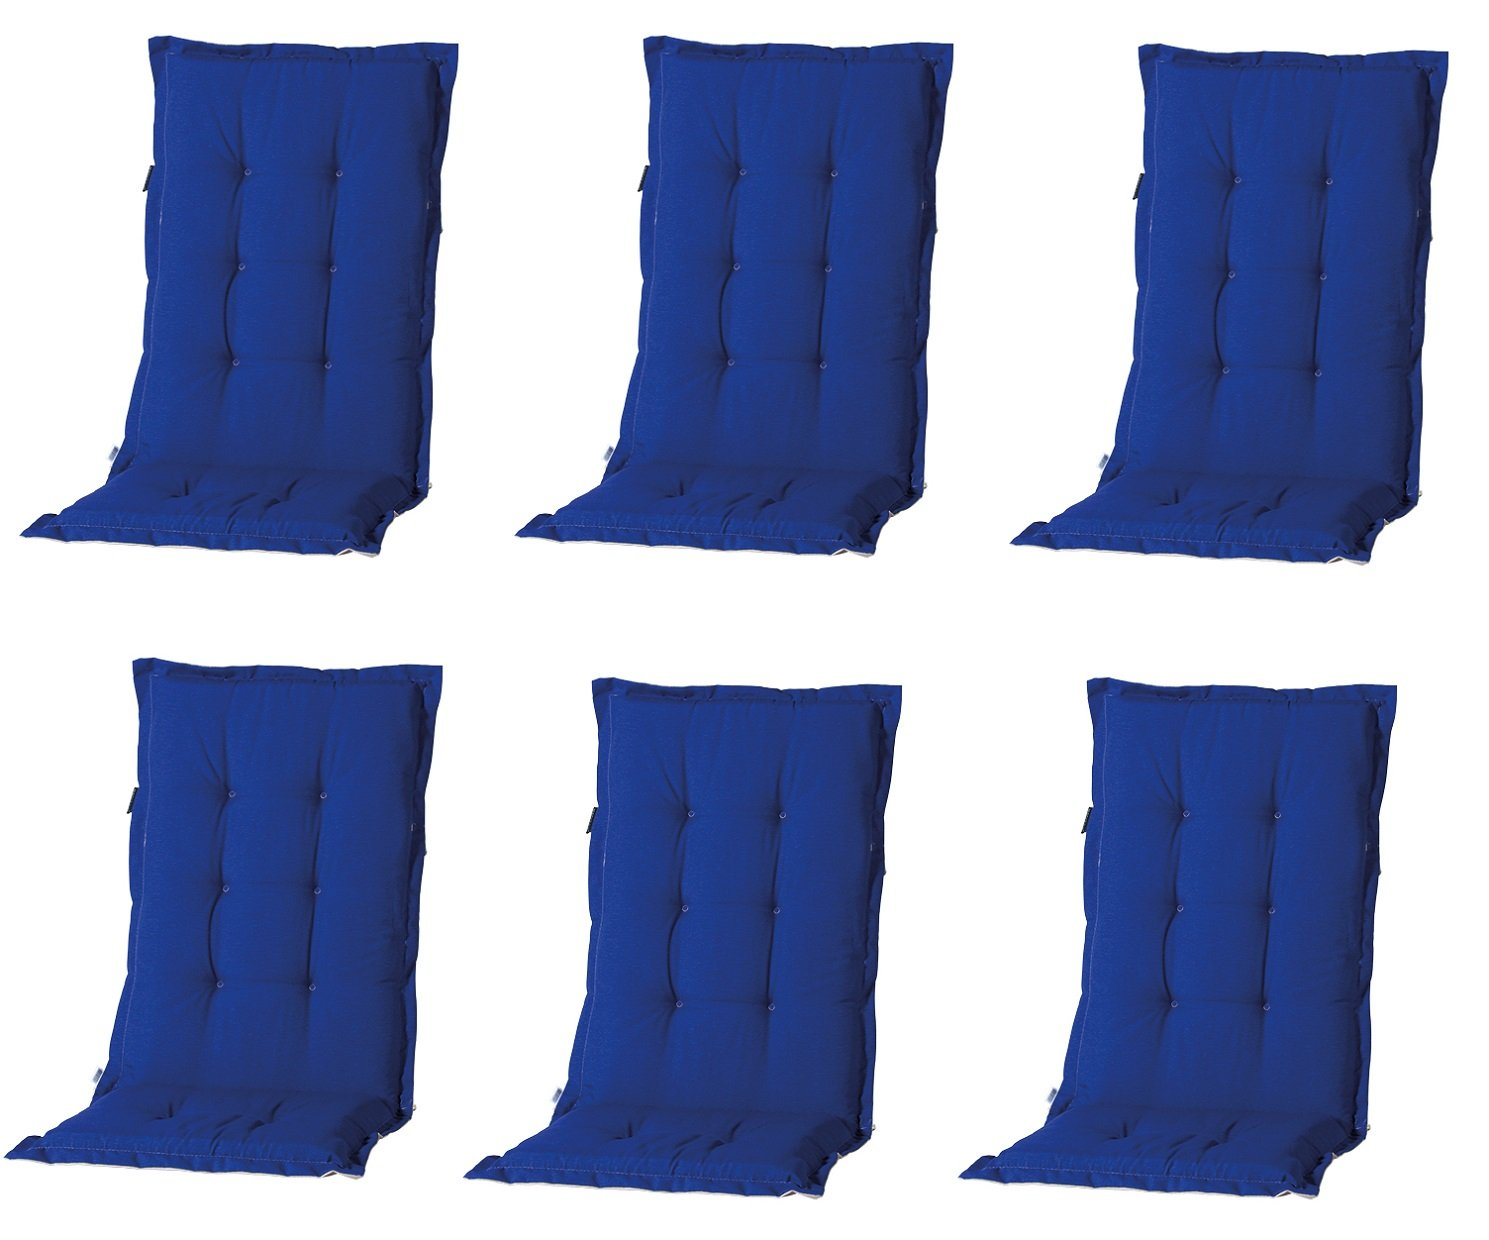 """6 x 8 cm Luxus Hochlehner """"B 250"""", uni blau online kaufen"""